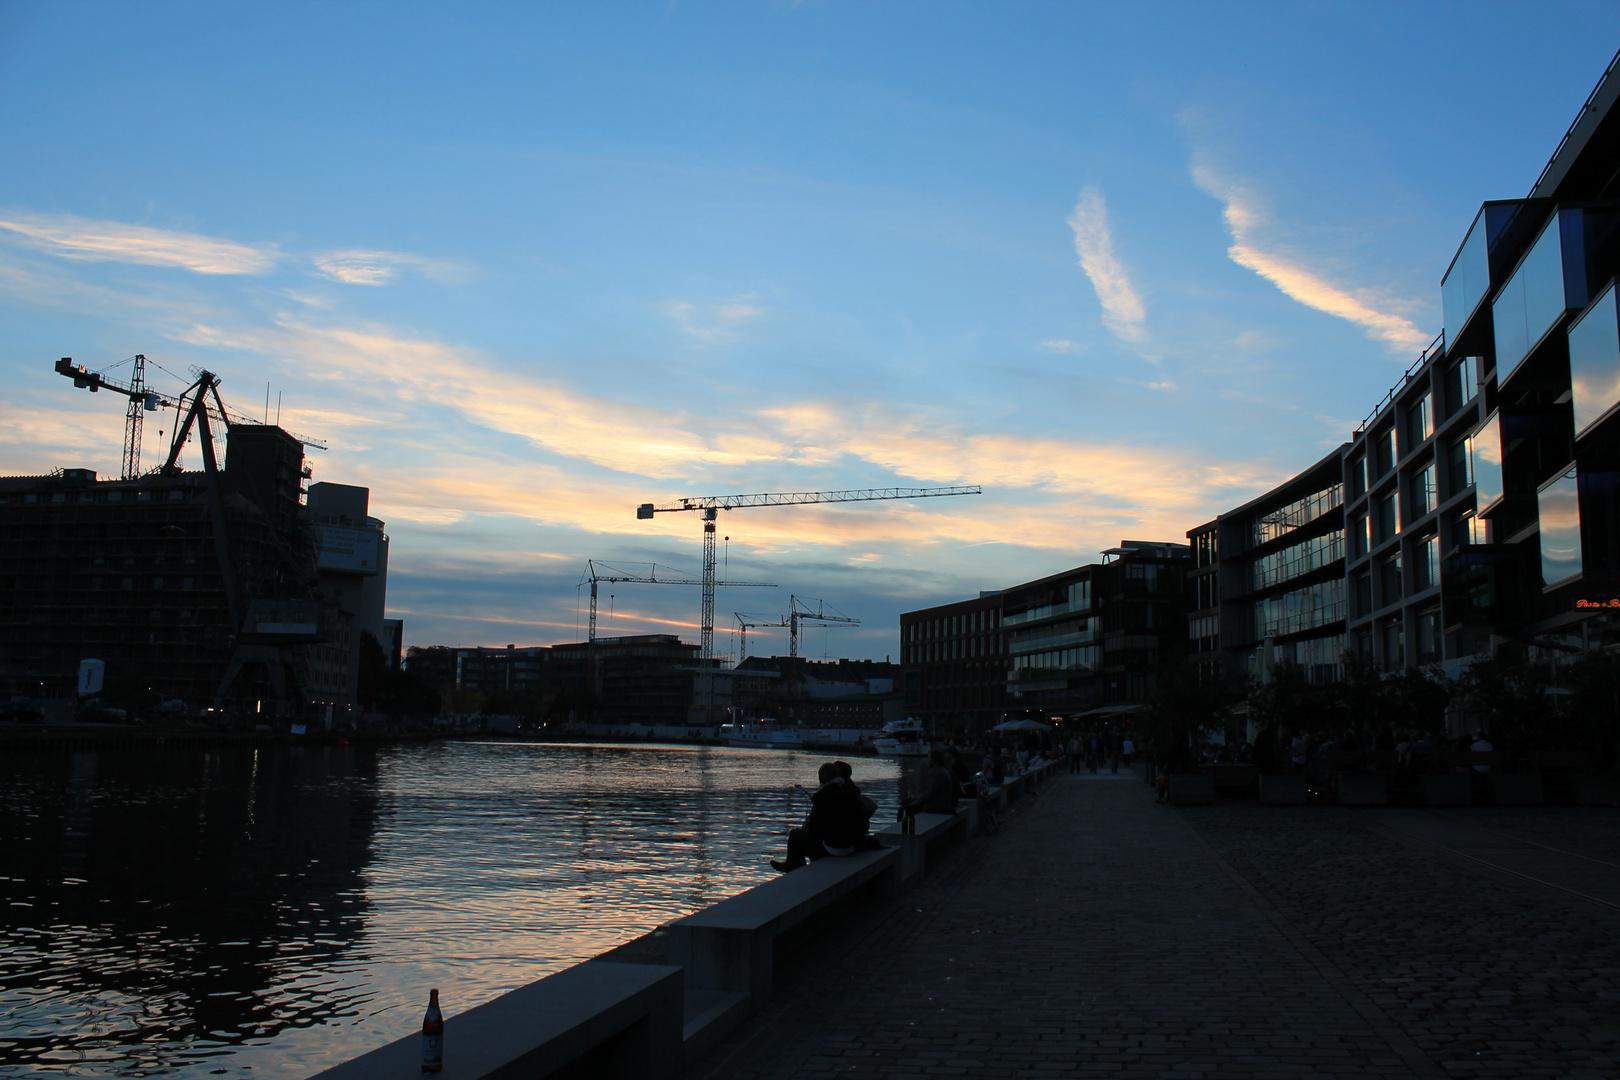 Hafen.